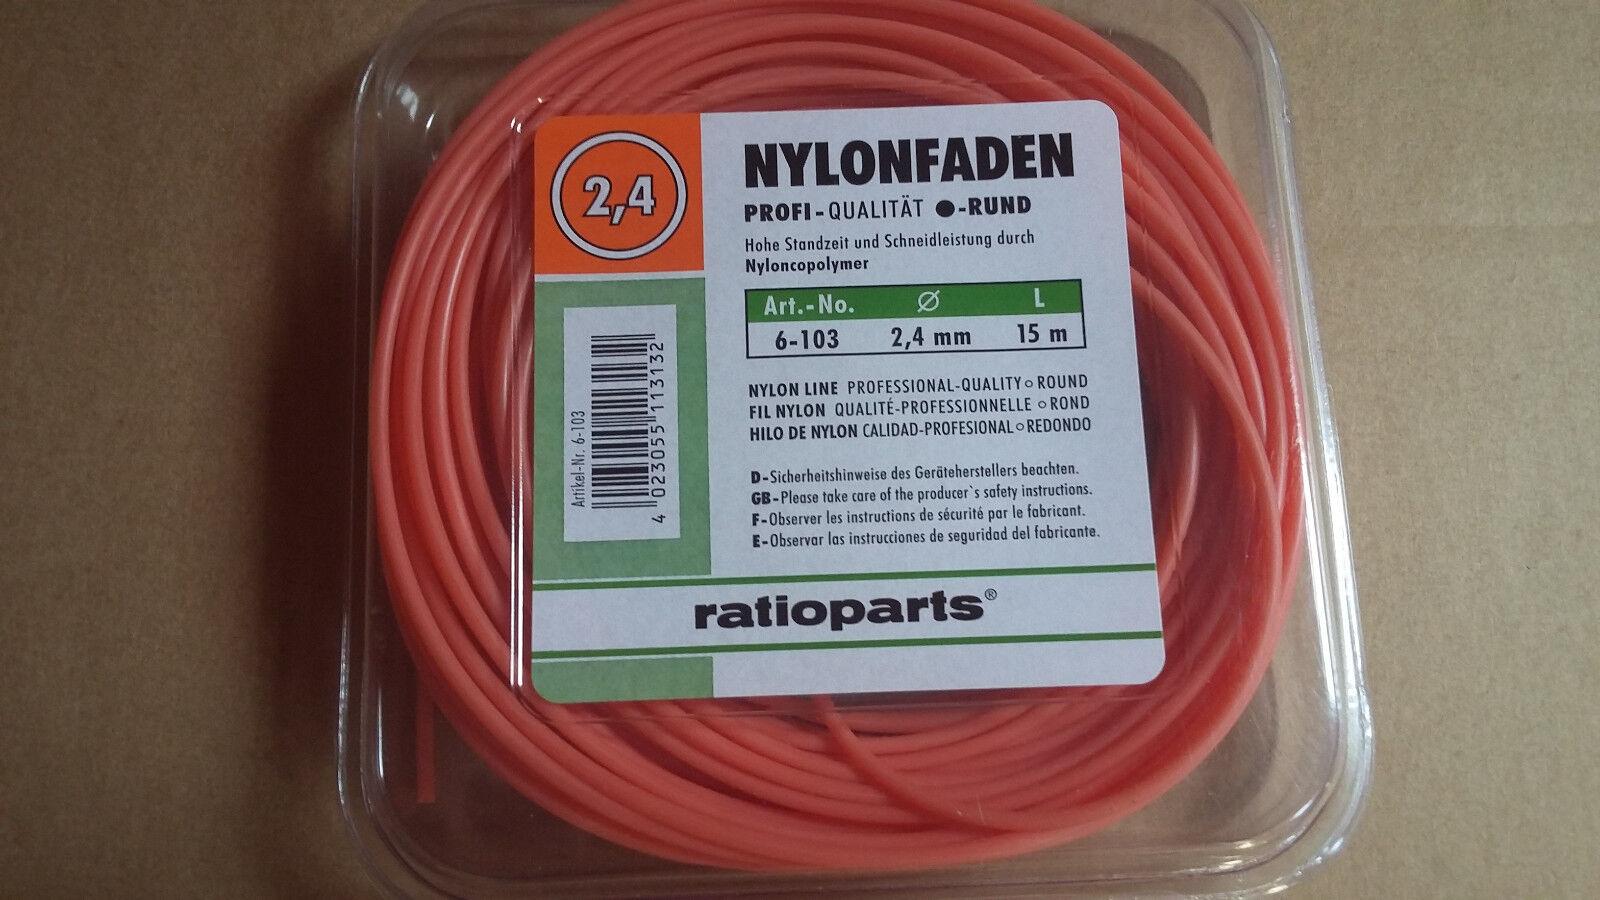 RATIOPARTS Nylonfaden TP Pro.rund 3,0//56m